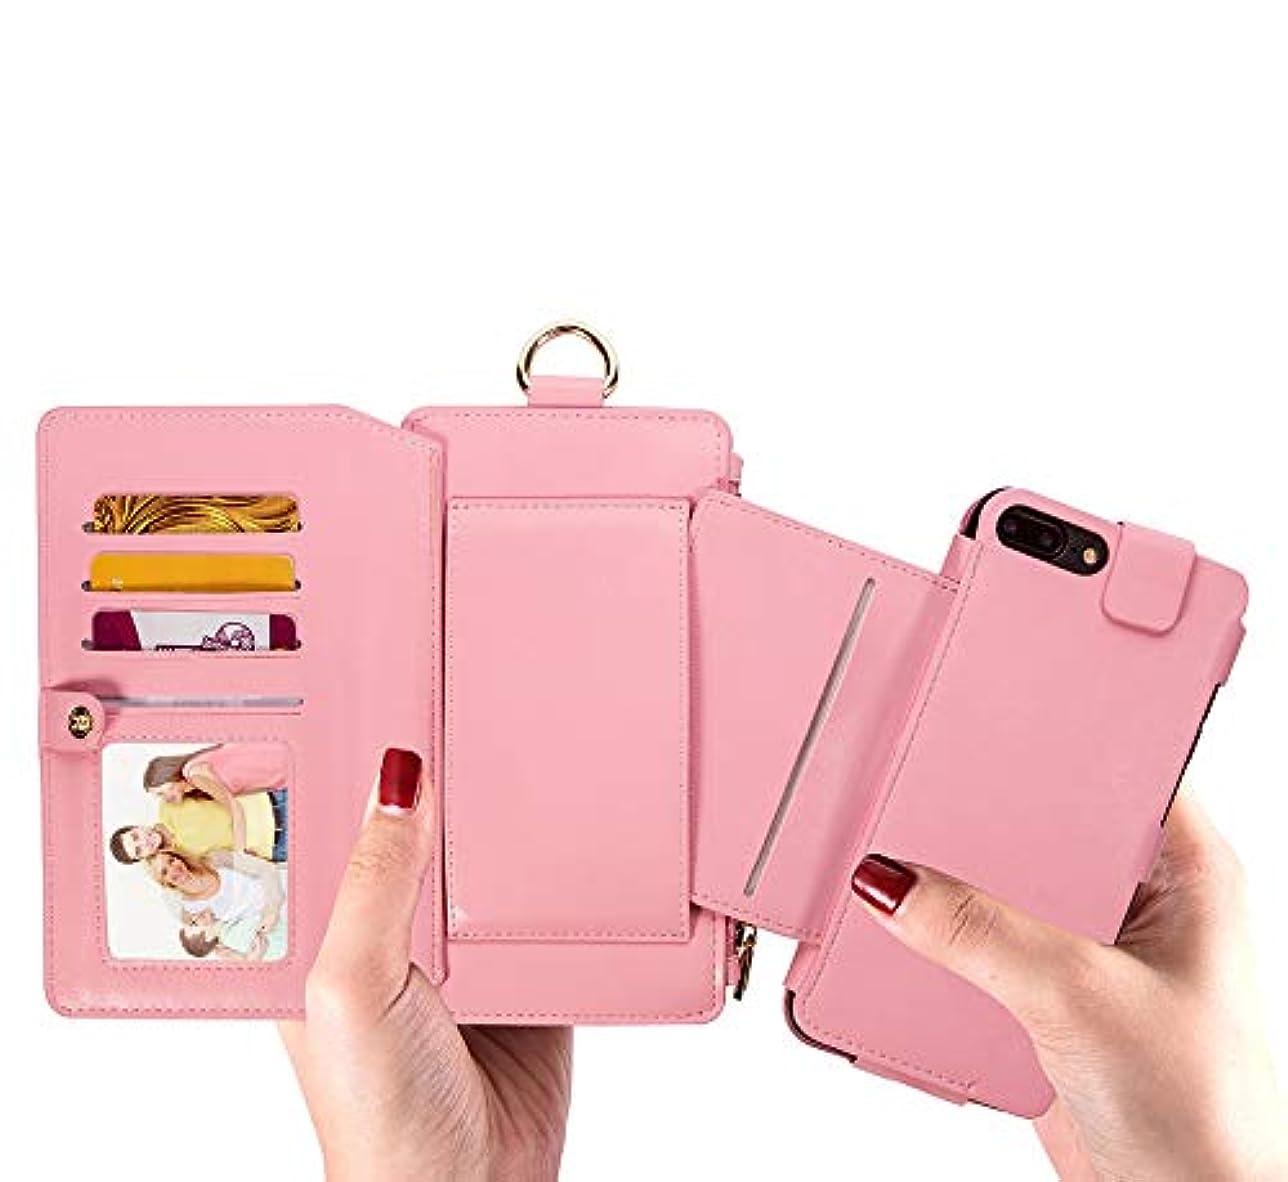 リップ灌漑うぬぼれiPhone 7 パソコンExit包保護套 - 折りたたみ保護袖 - 立ちブラケット-ビジネススタイル-全身保護-内殻金属リング-12札入れ-相枠-取り外し可能な電話ケース財布 4.7インチiPhone 7 / iPhone 8、ピンクに最適